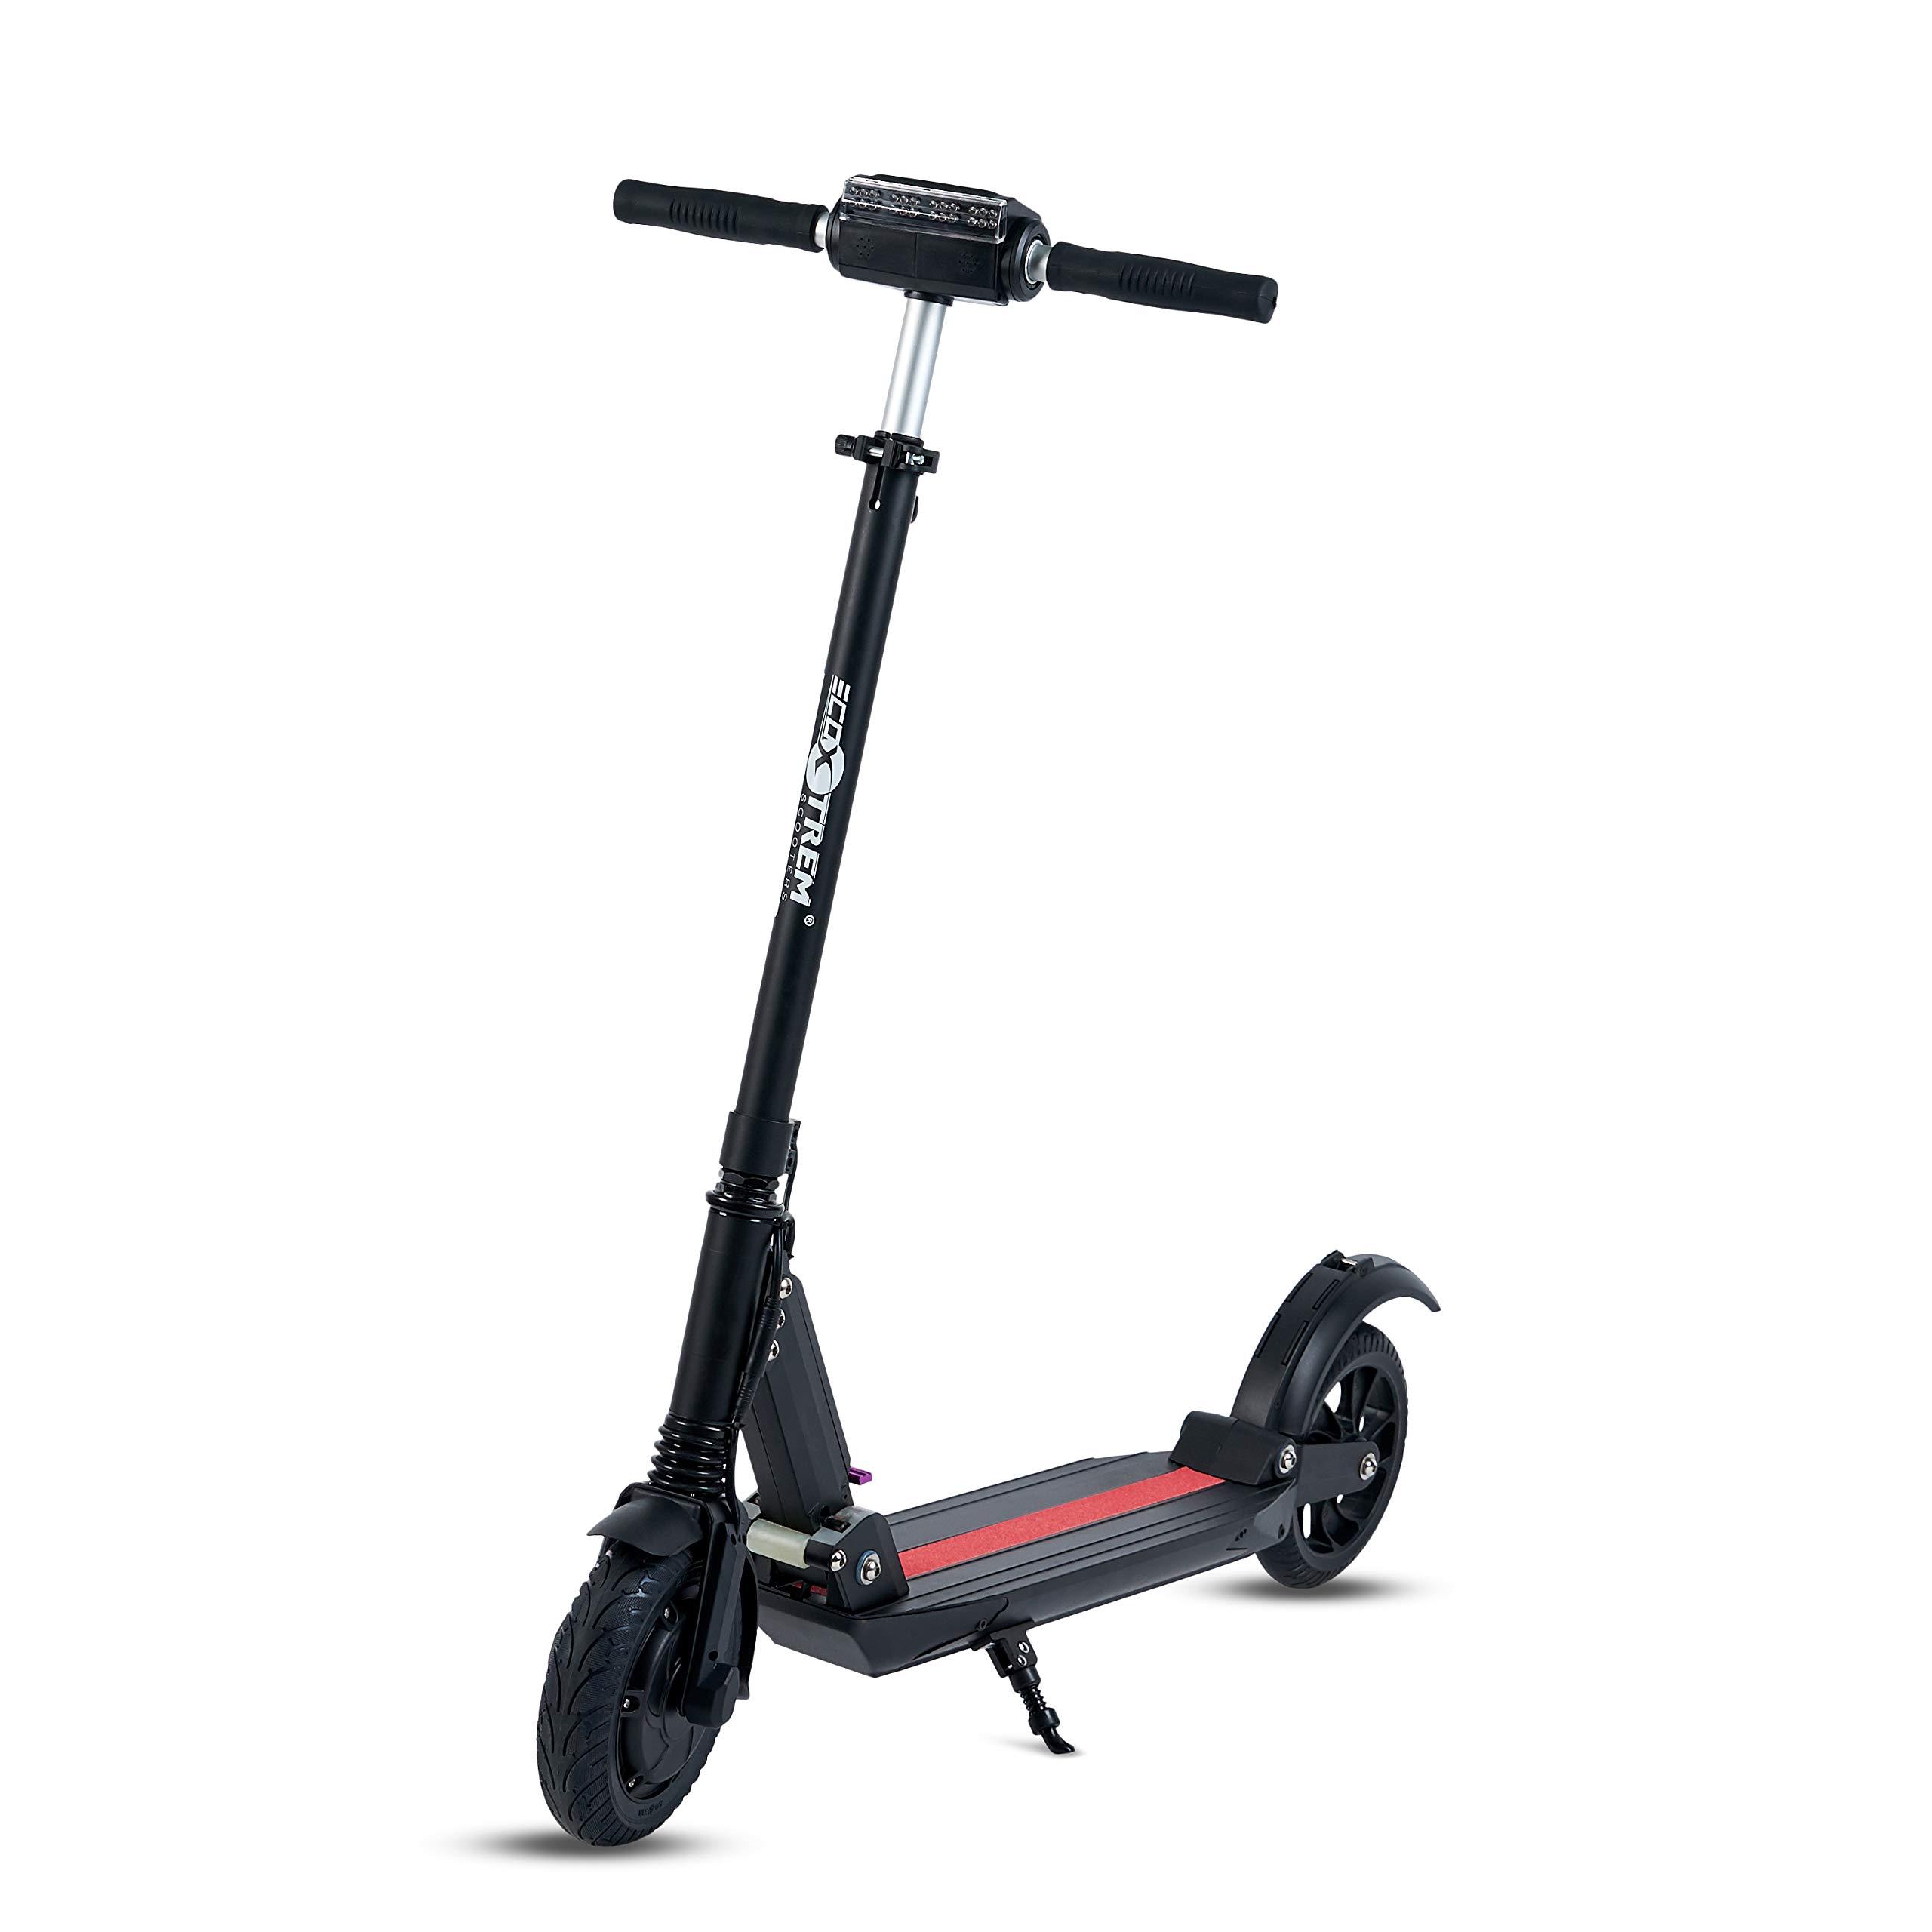 62cdace0e ofertas en UrbanRun - Patinete eléctrico dos ruedas